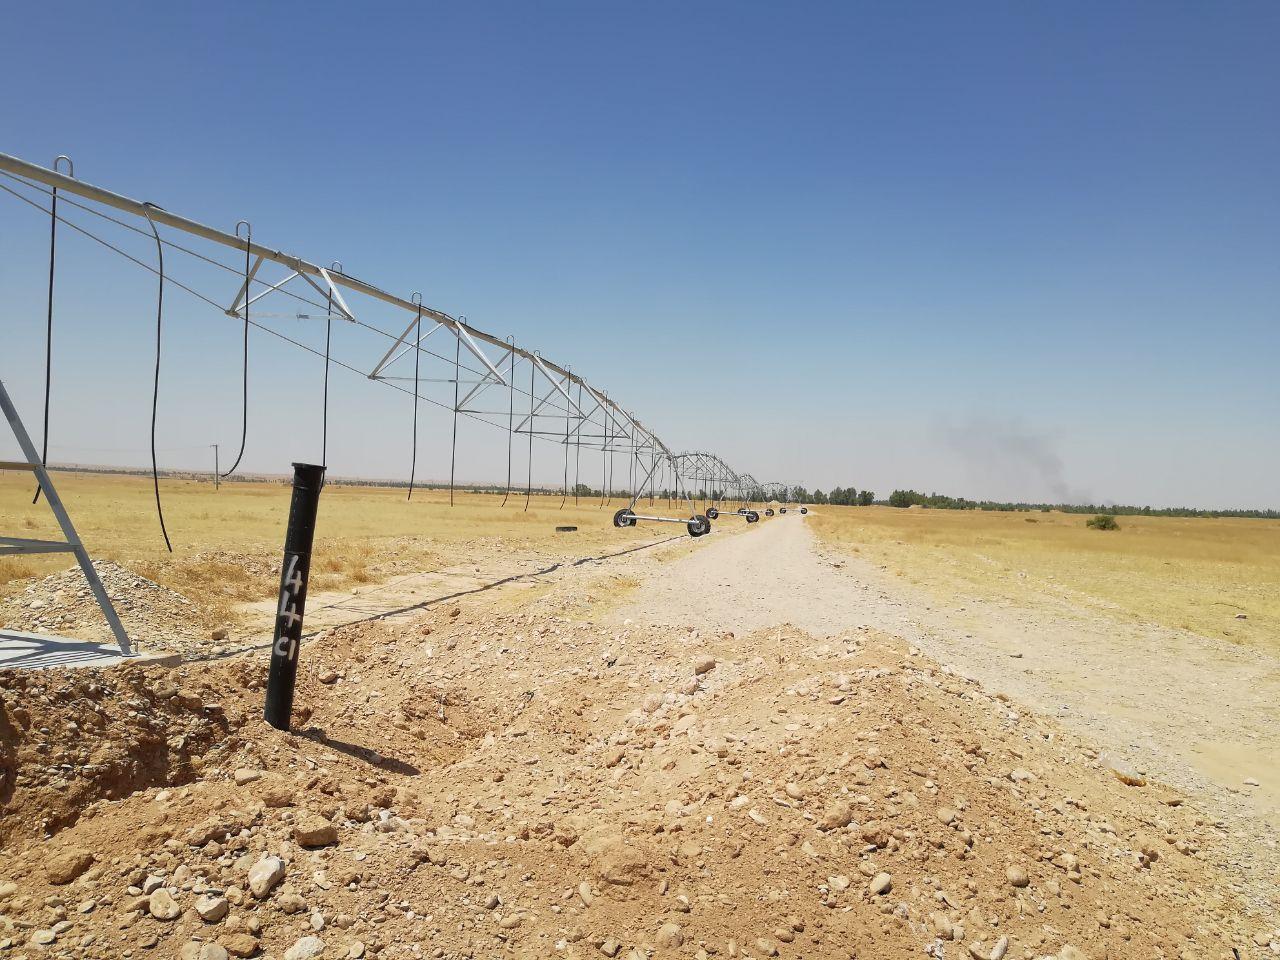 دومین سیستم سنتر پیوست در مزرعه آموزشی و پژوهشی مهران نصب گردید